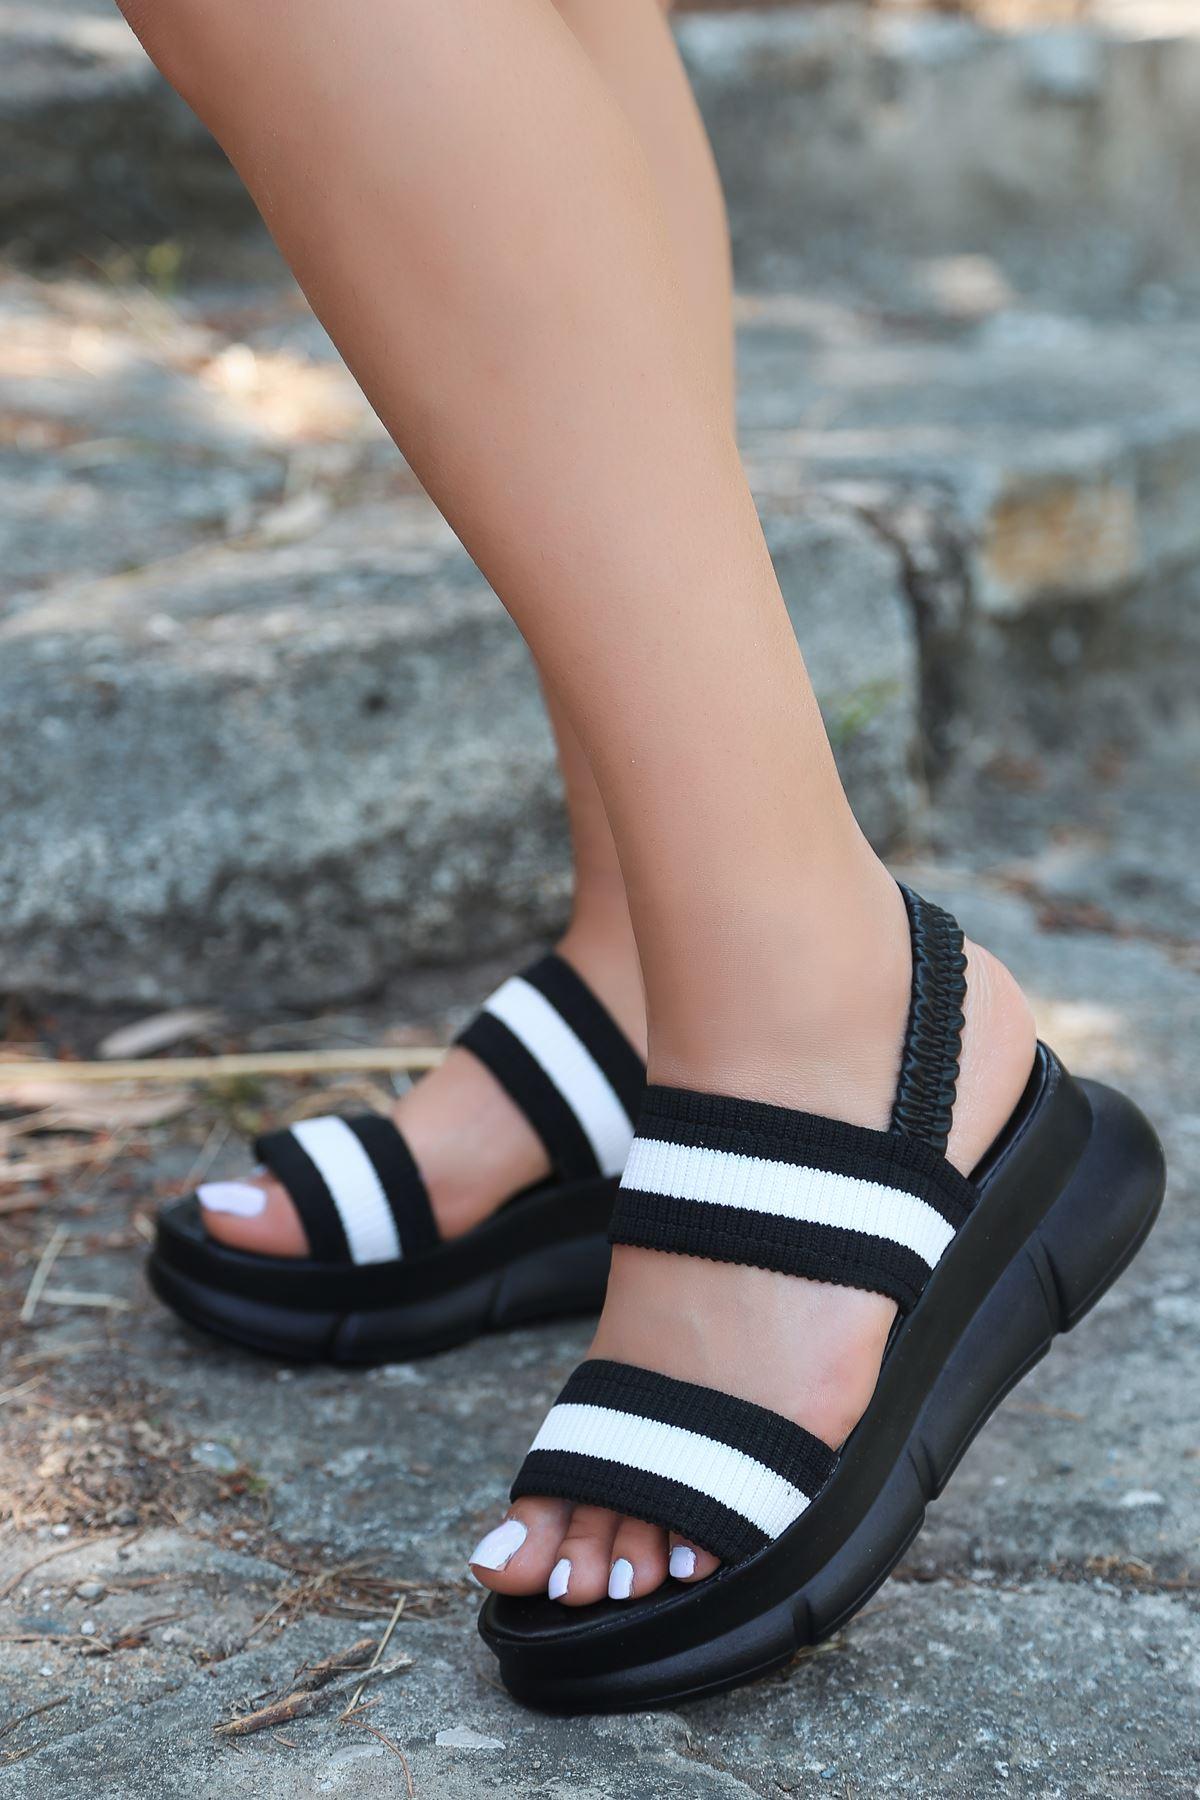 Shine Triko Sandalet Siyah S.T